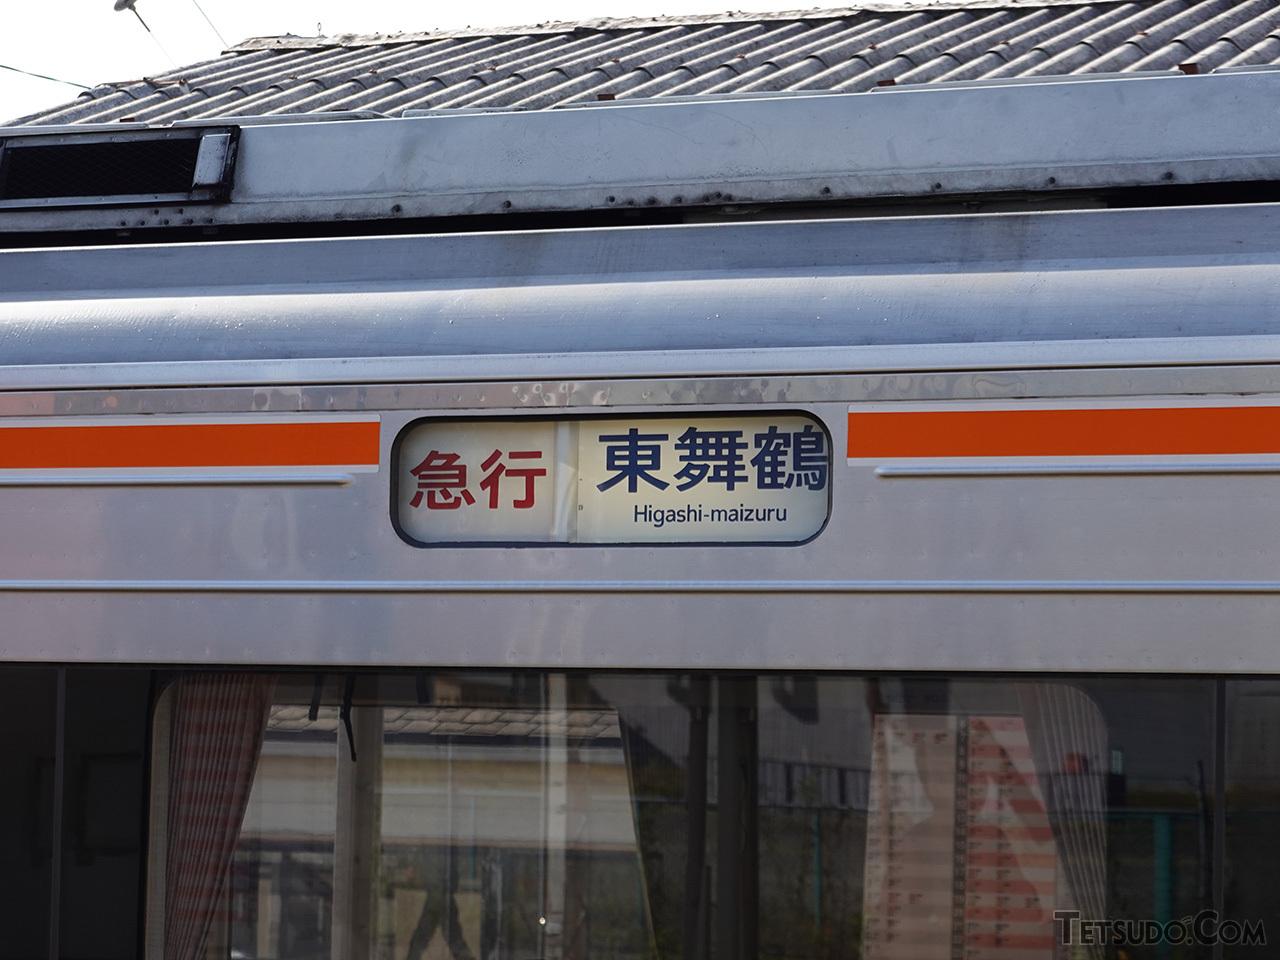 田中さんがいちばんグッと来たという、「急行東舞鶴」。東舞鶴行きの急行といえば、京都からの「急行丹後」や、福井からの「急行わかさ」などがありました